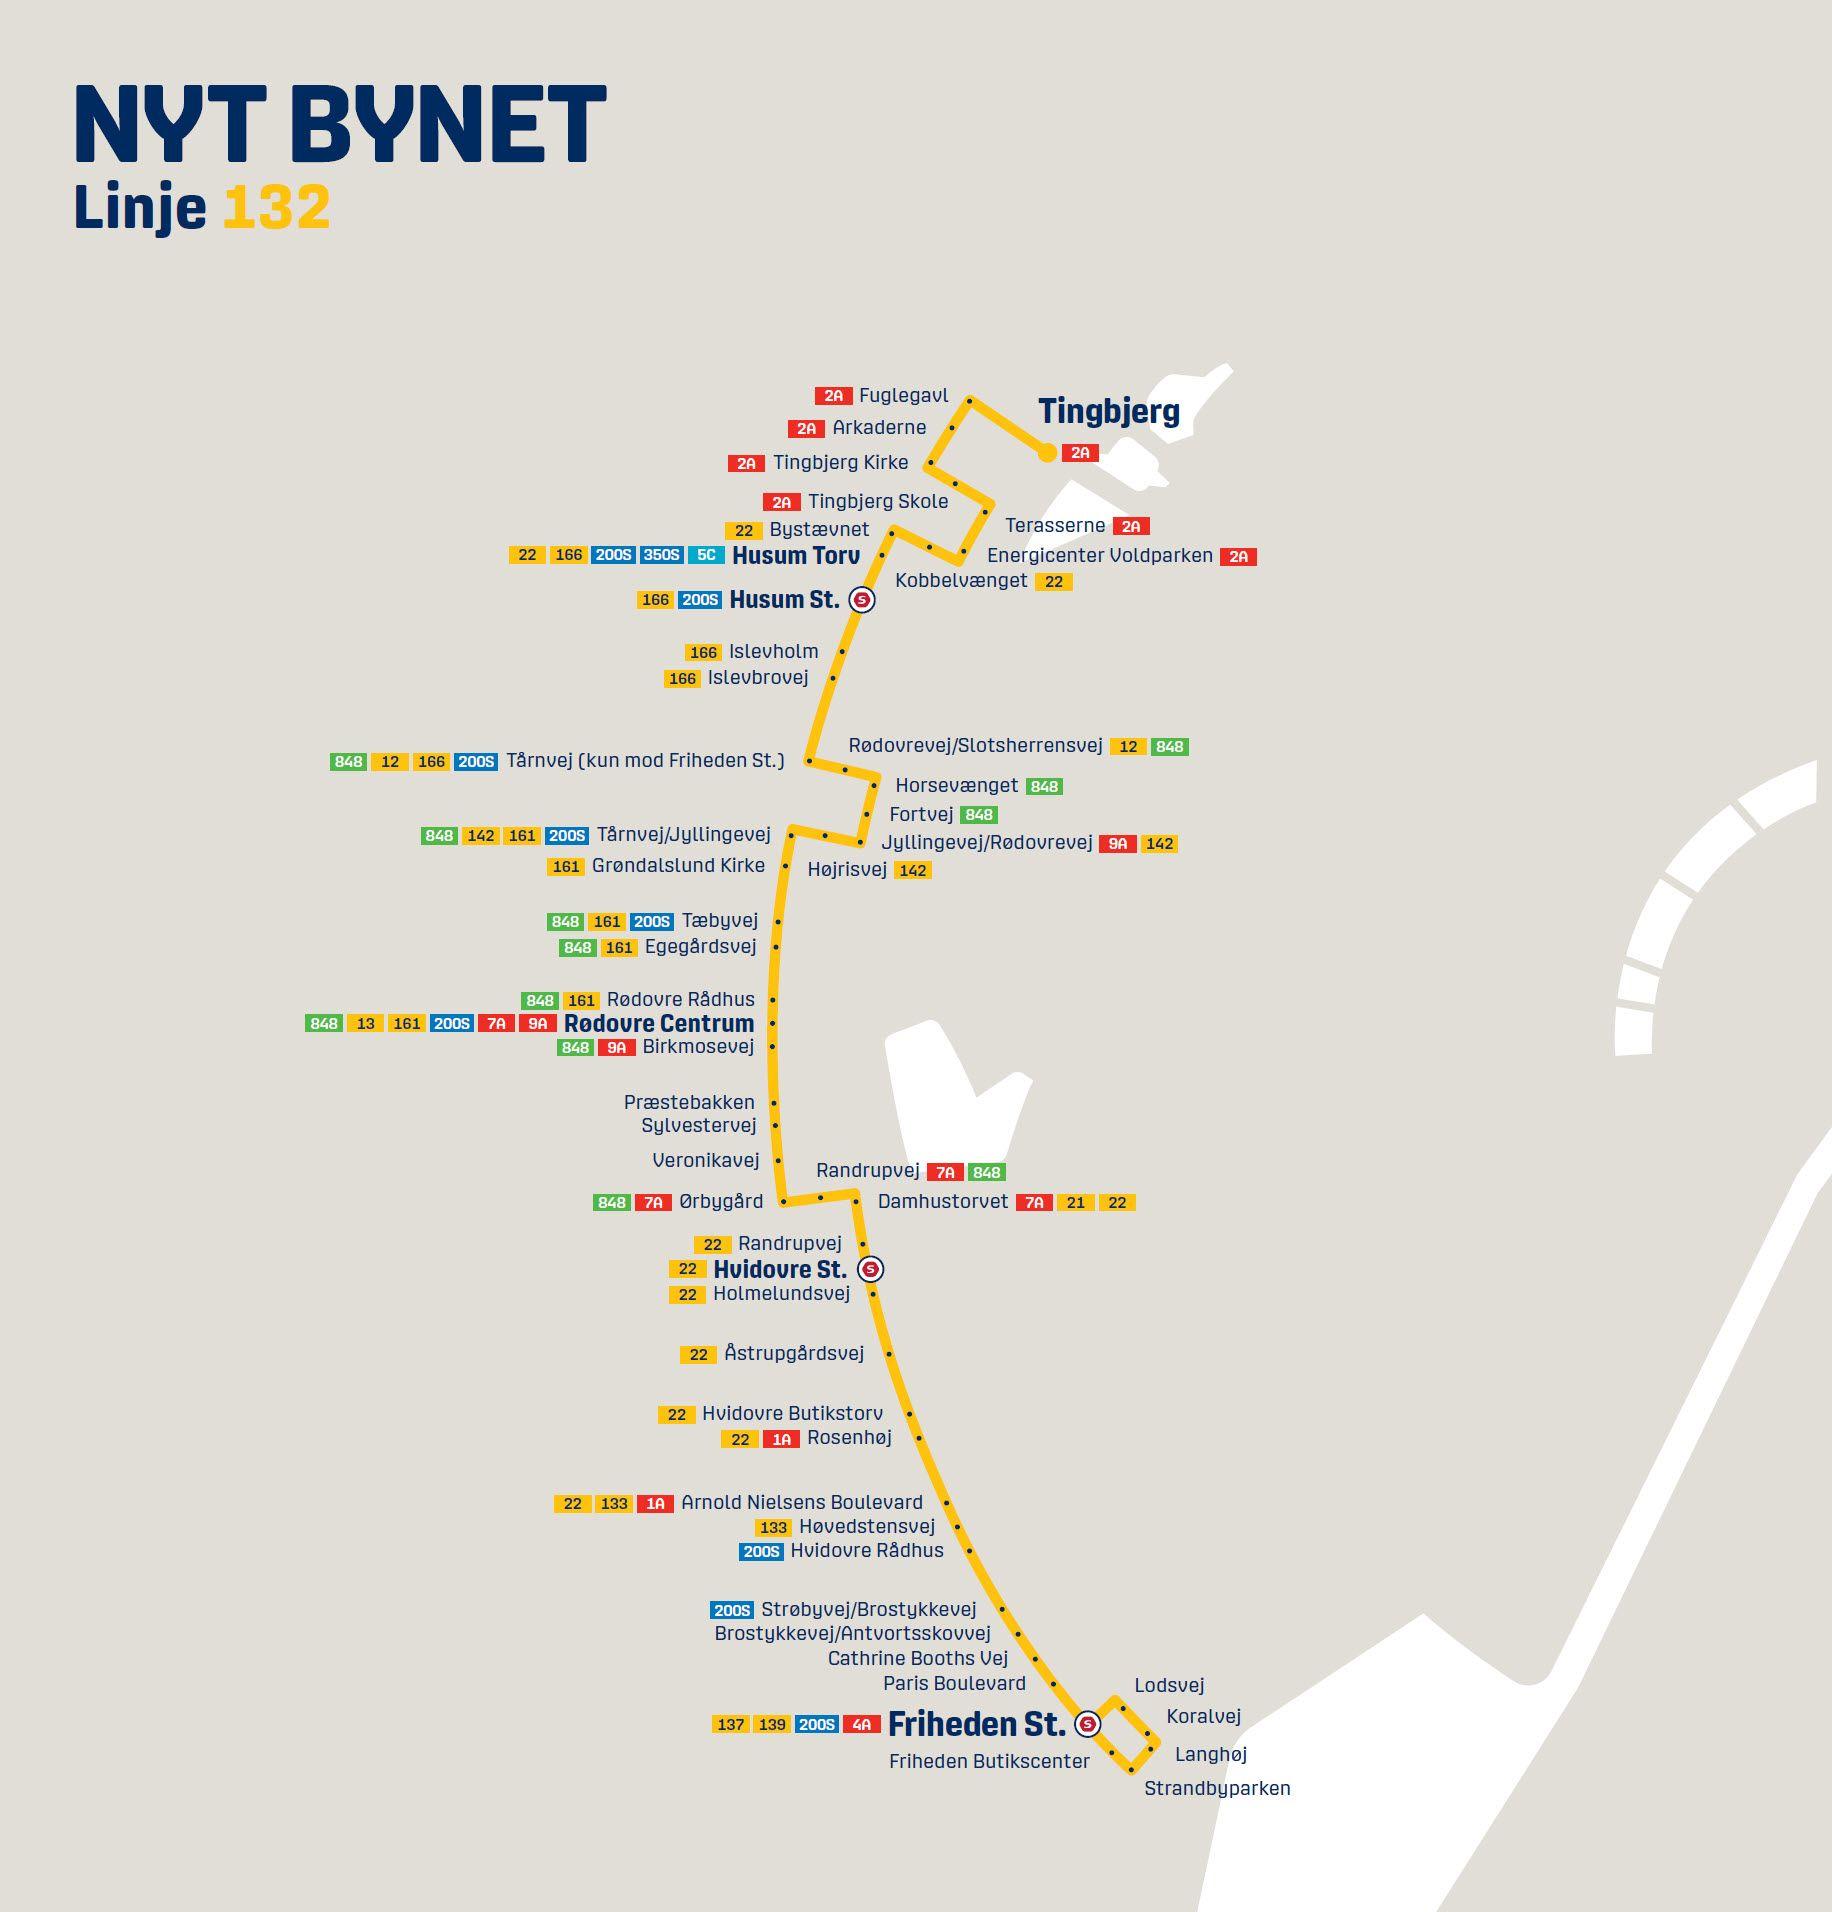 Nyt Bynet linje 132